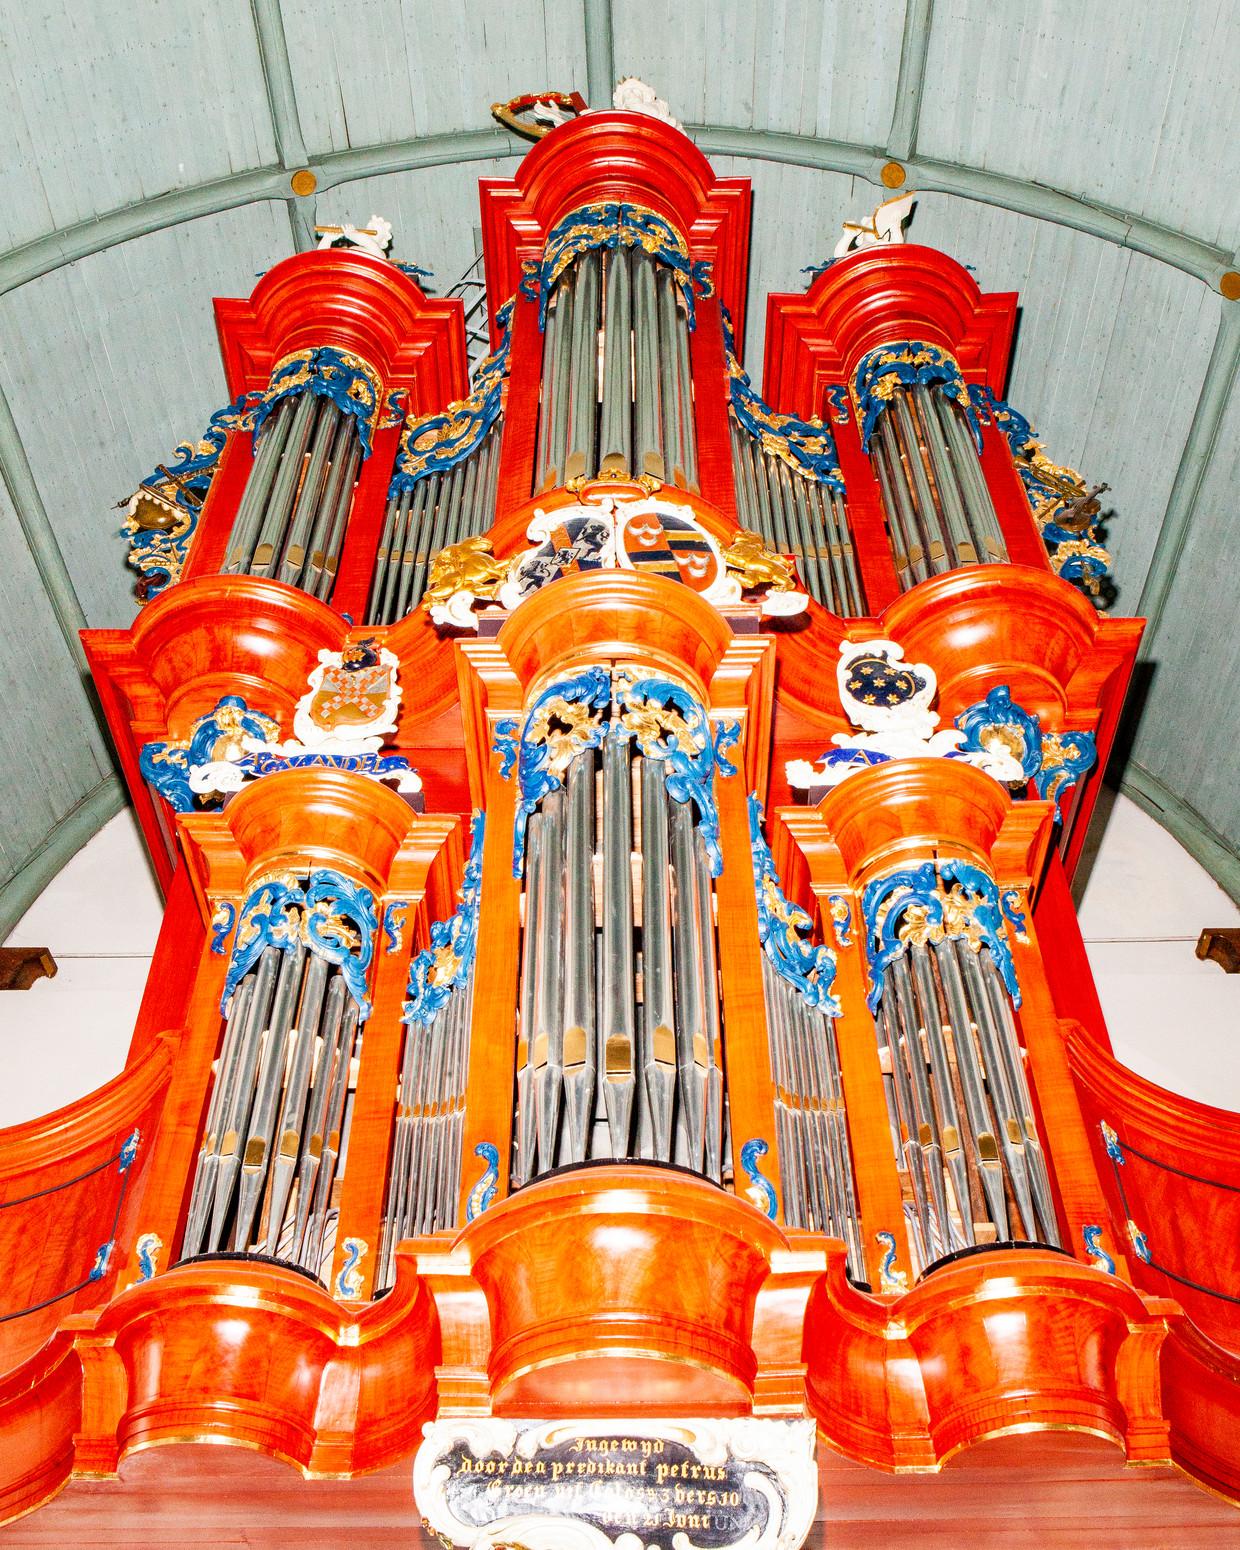 Het De Crane-orgel in de Hervormde Kerk in Waspik.  Beeld Hilde Harshagen